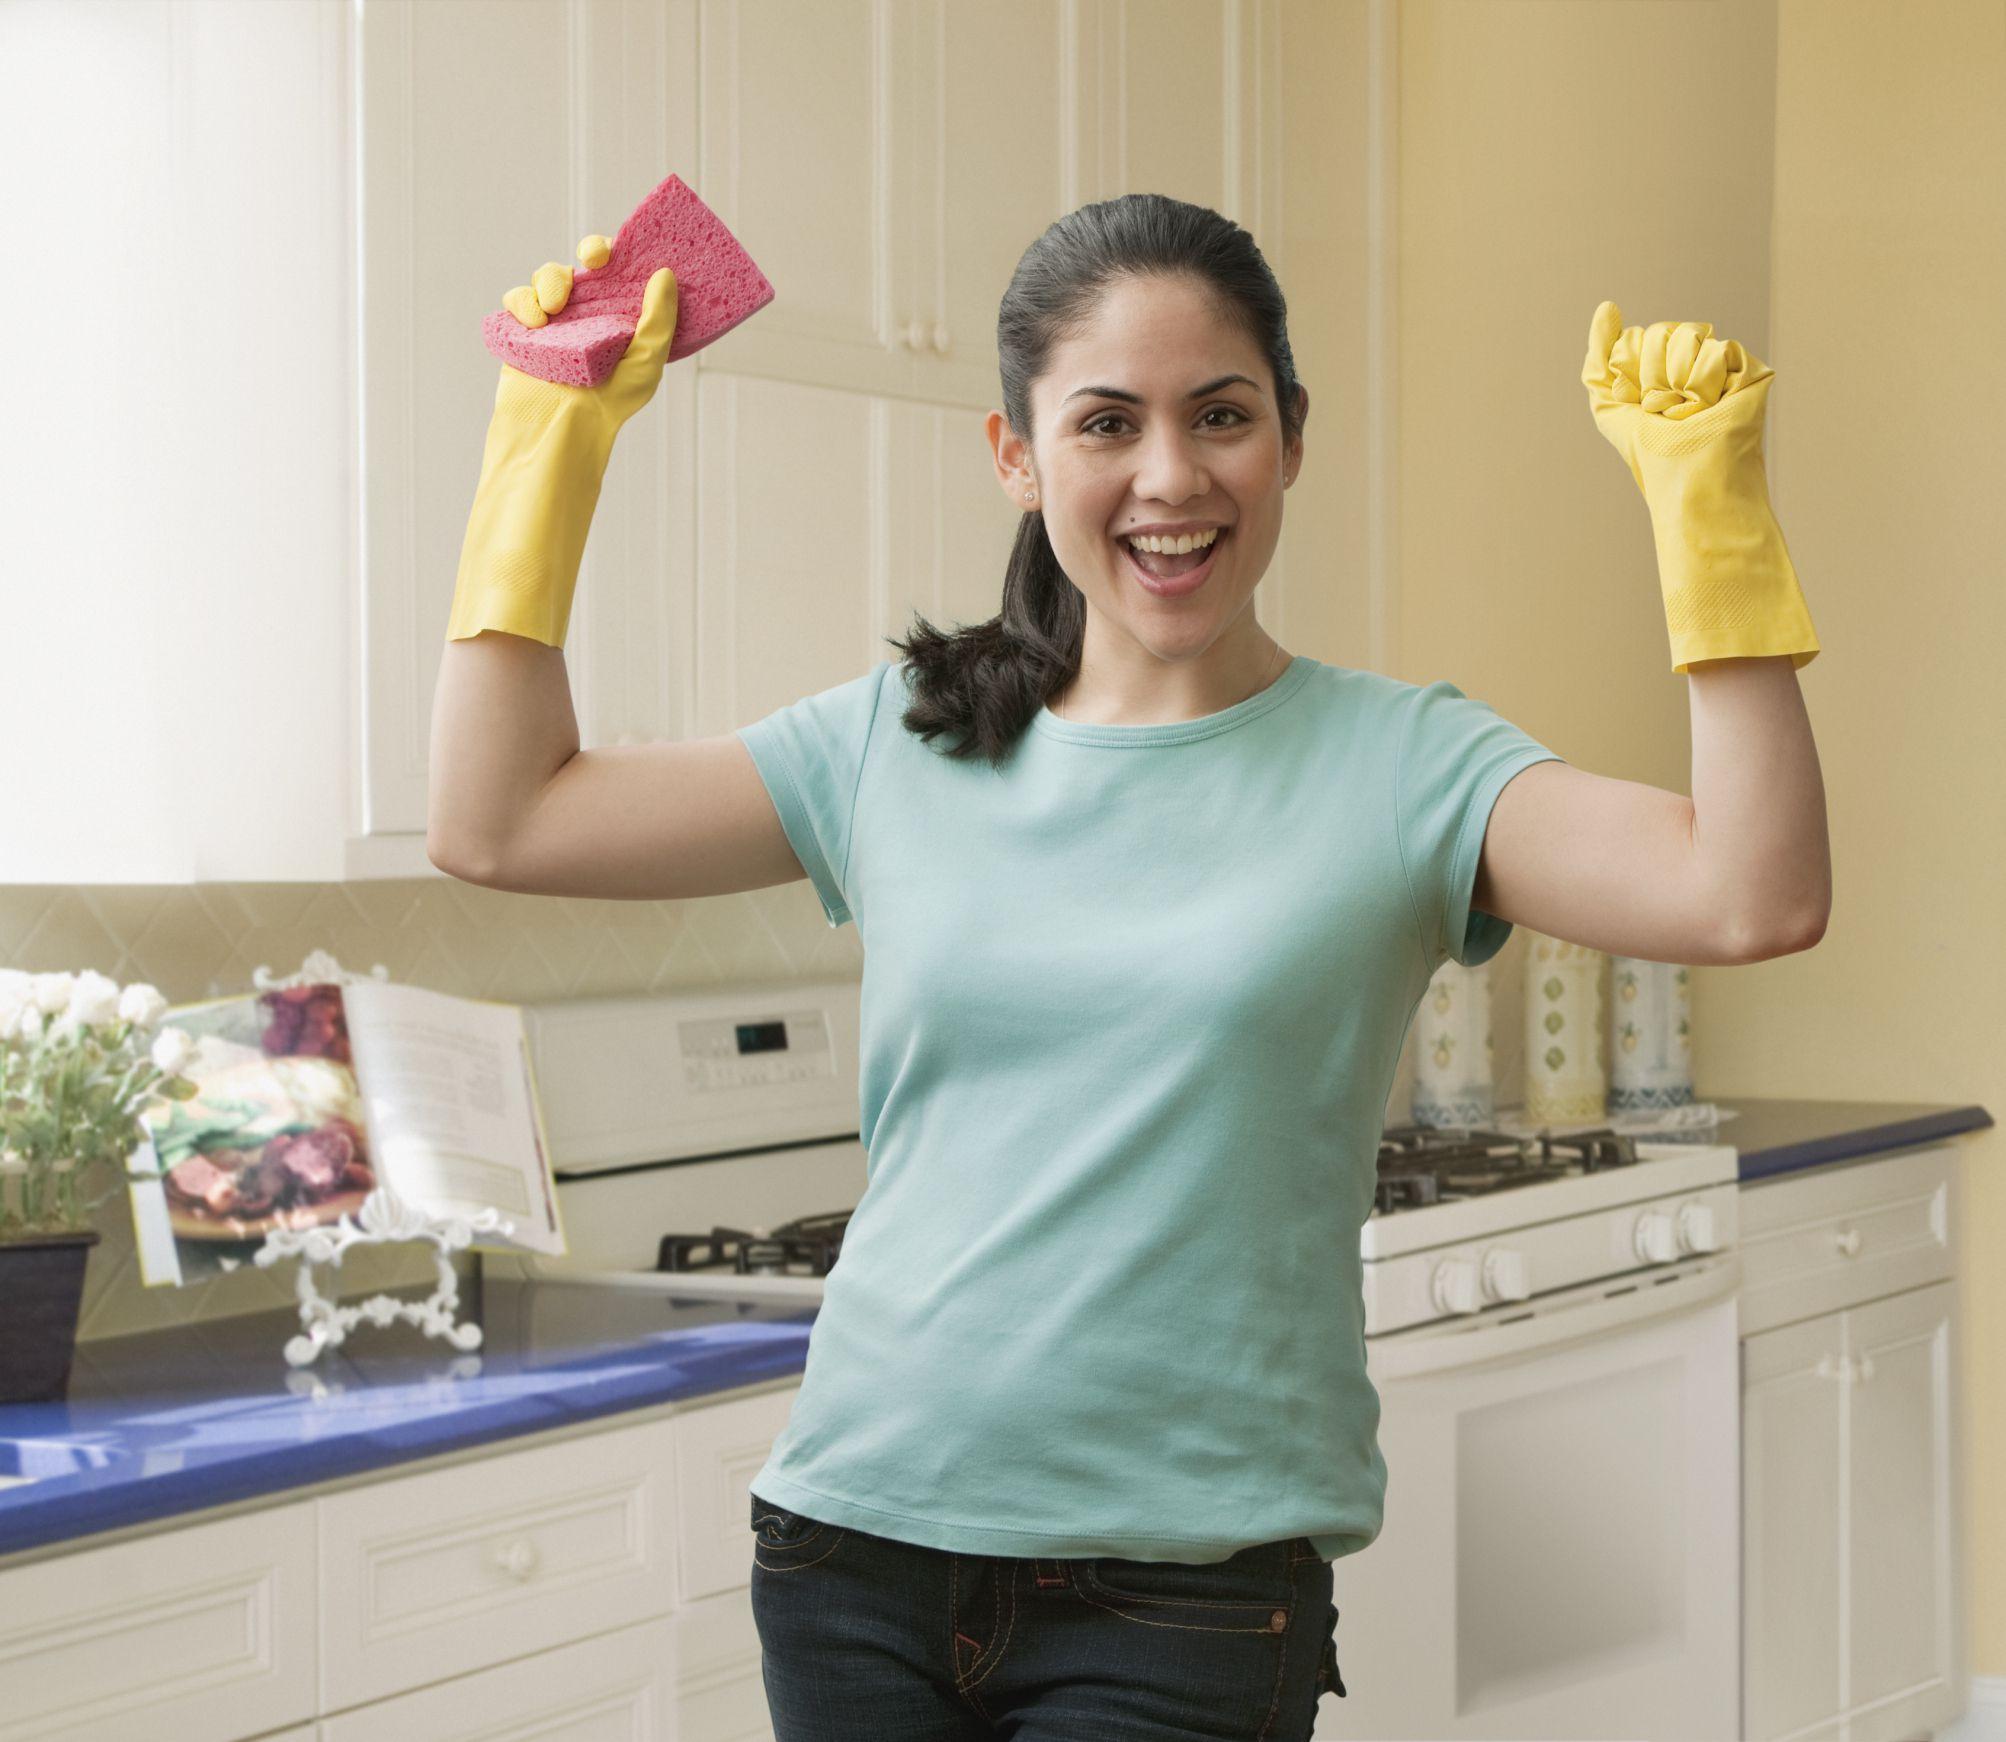 7 tips para recoger r pido la casa - Como limpiar la casa rapido ...